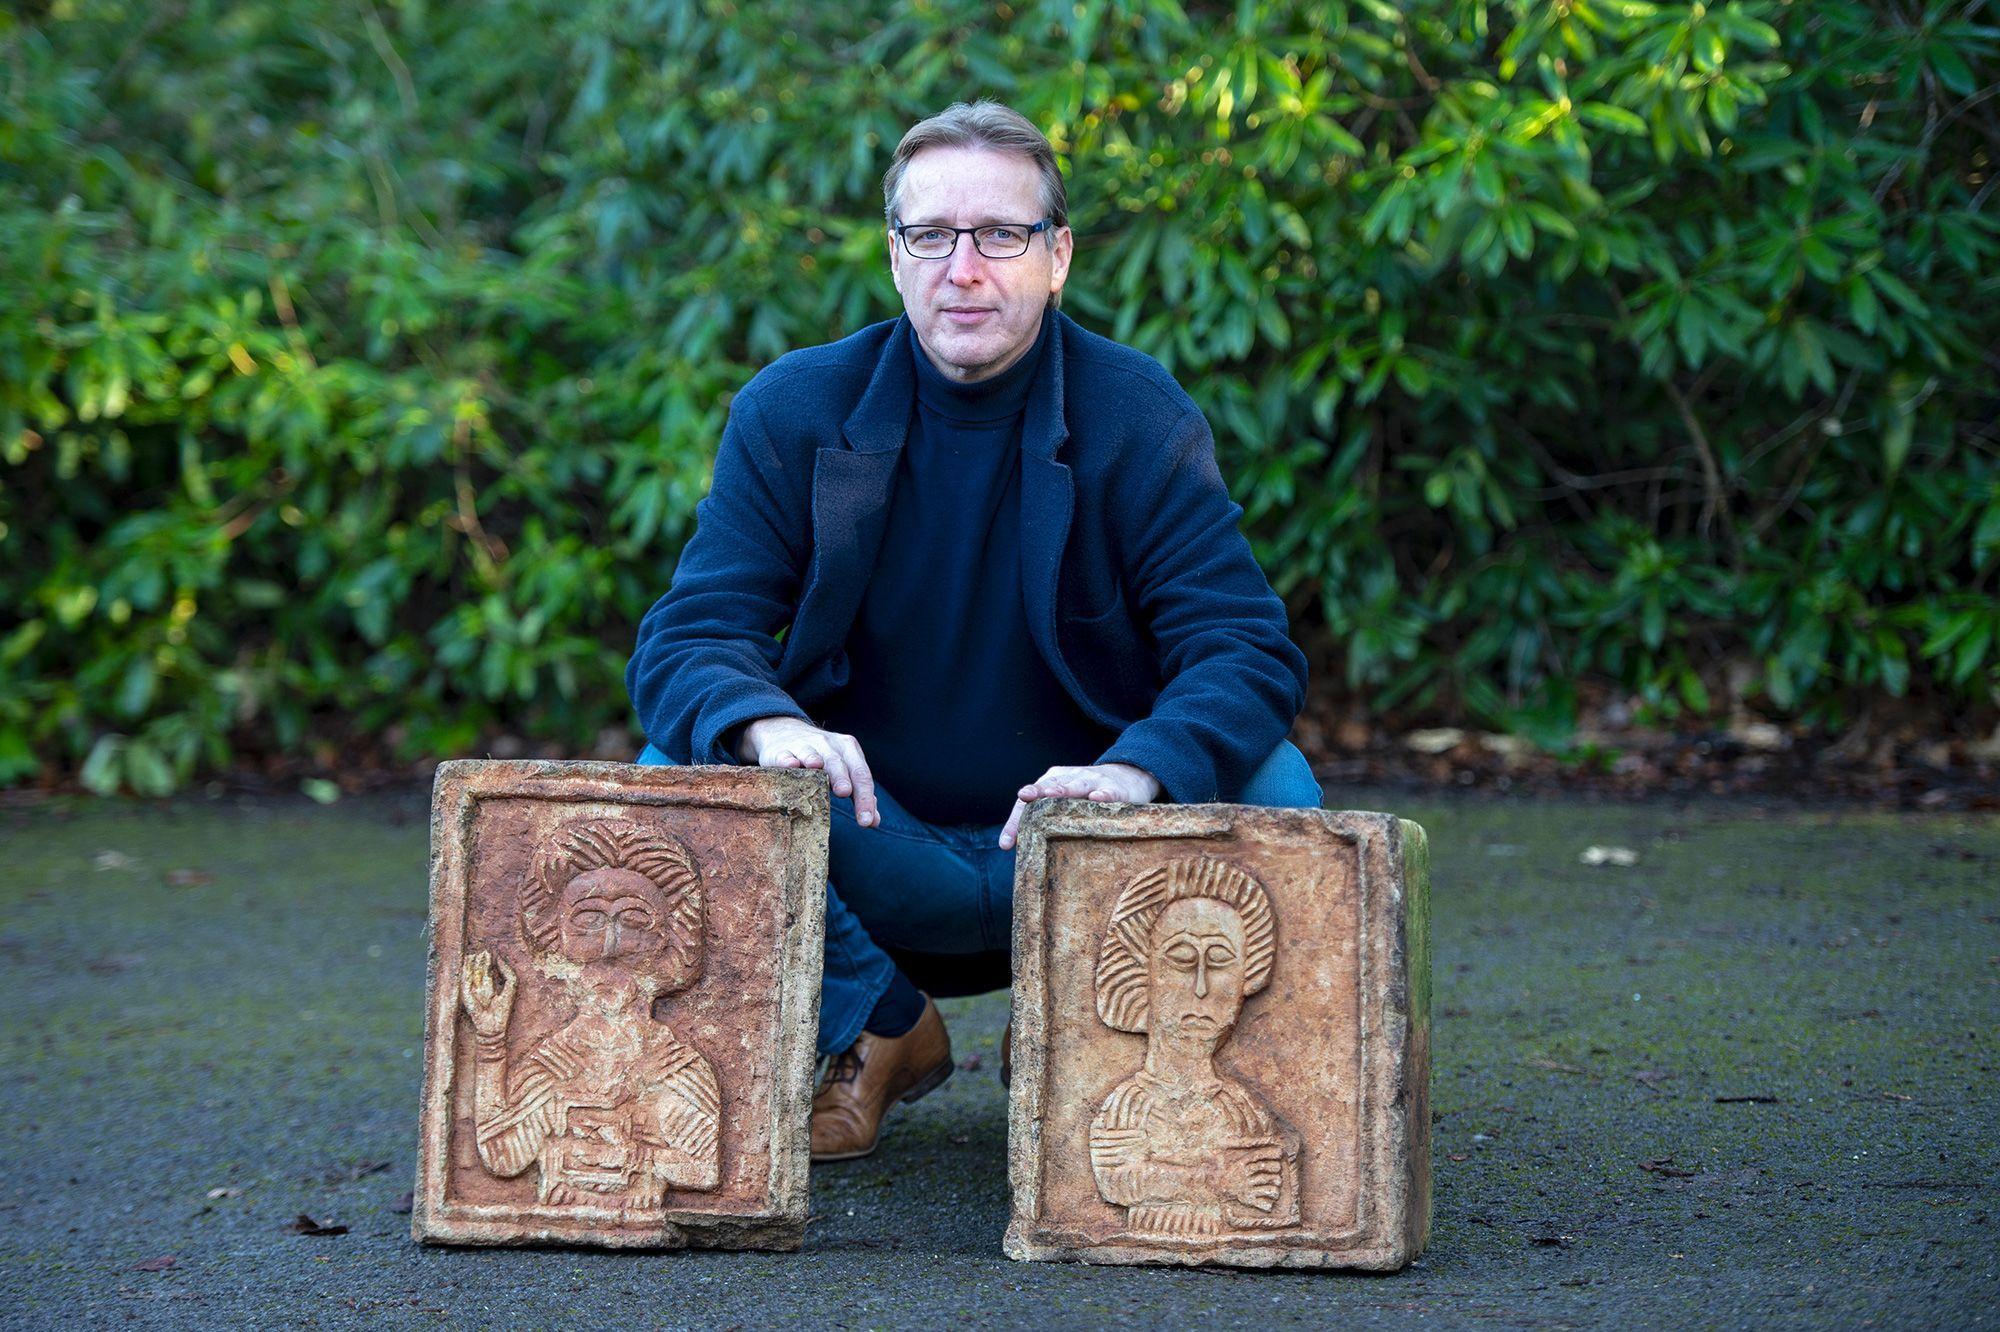 """Des pierres d'une valeur """"inestimable"""" retrouvées dans un jardin anglais"""